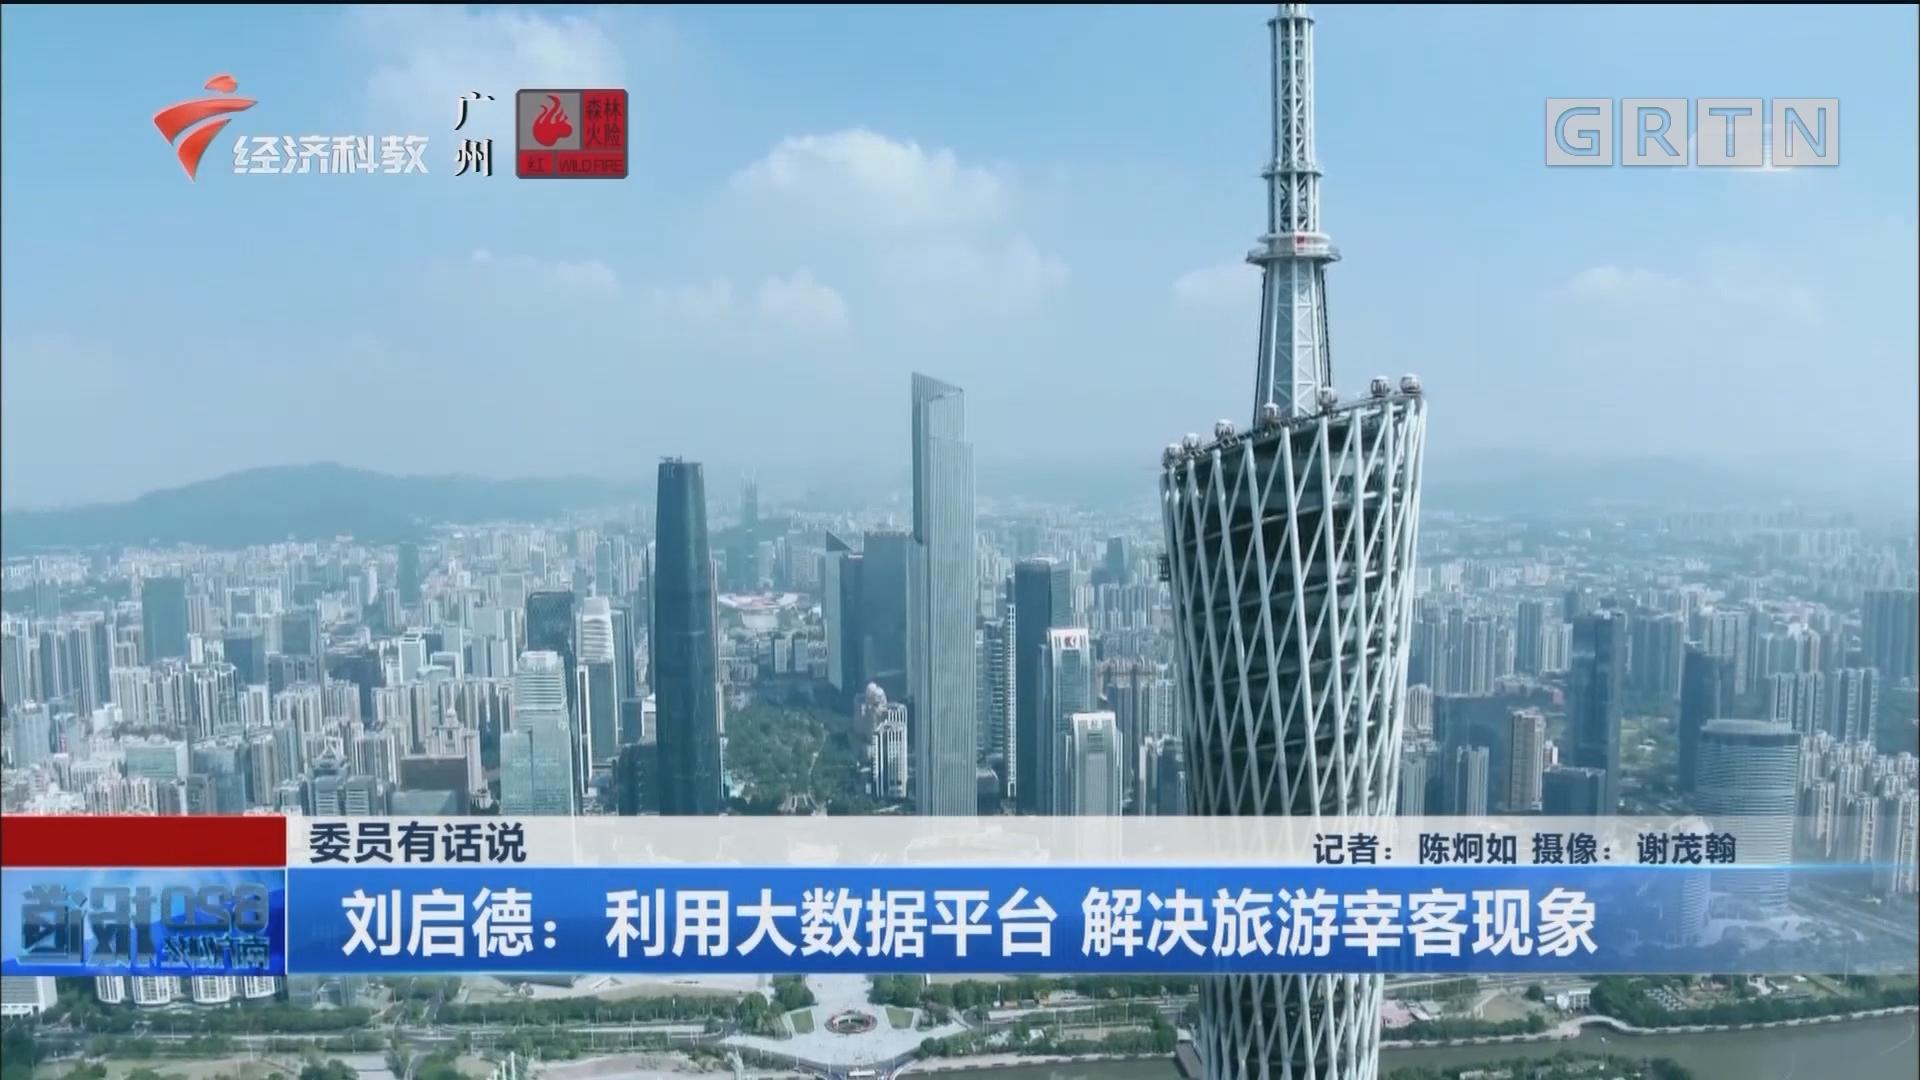 委员有话说 刘启德:利用大数据平台 解决旅游宰客现象